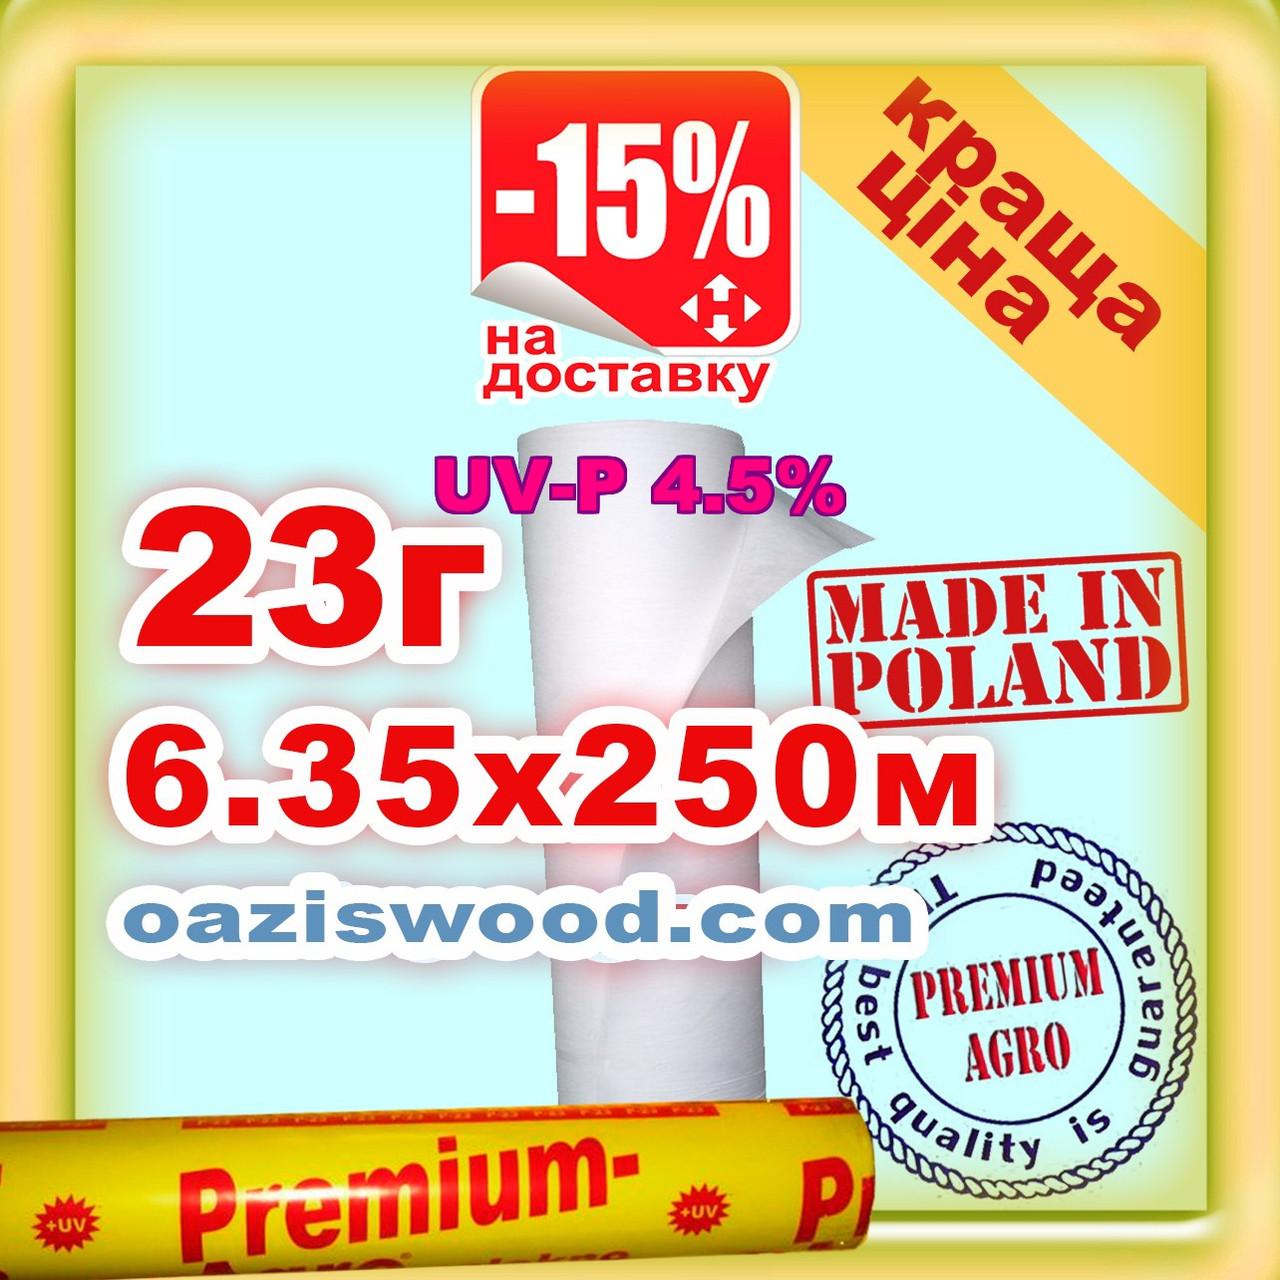 Агроволокно р-23g 6.35*250м белое UV-P 4.5% Premium-Agro Польша